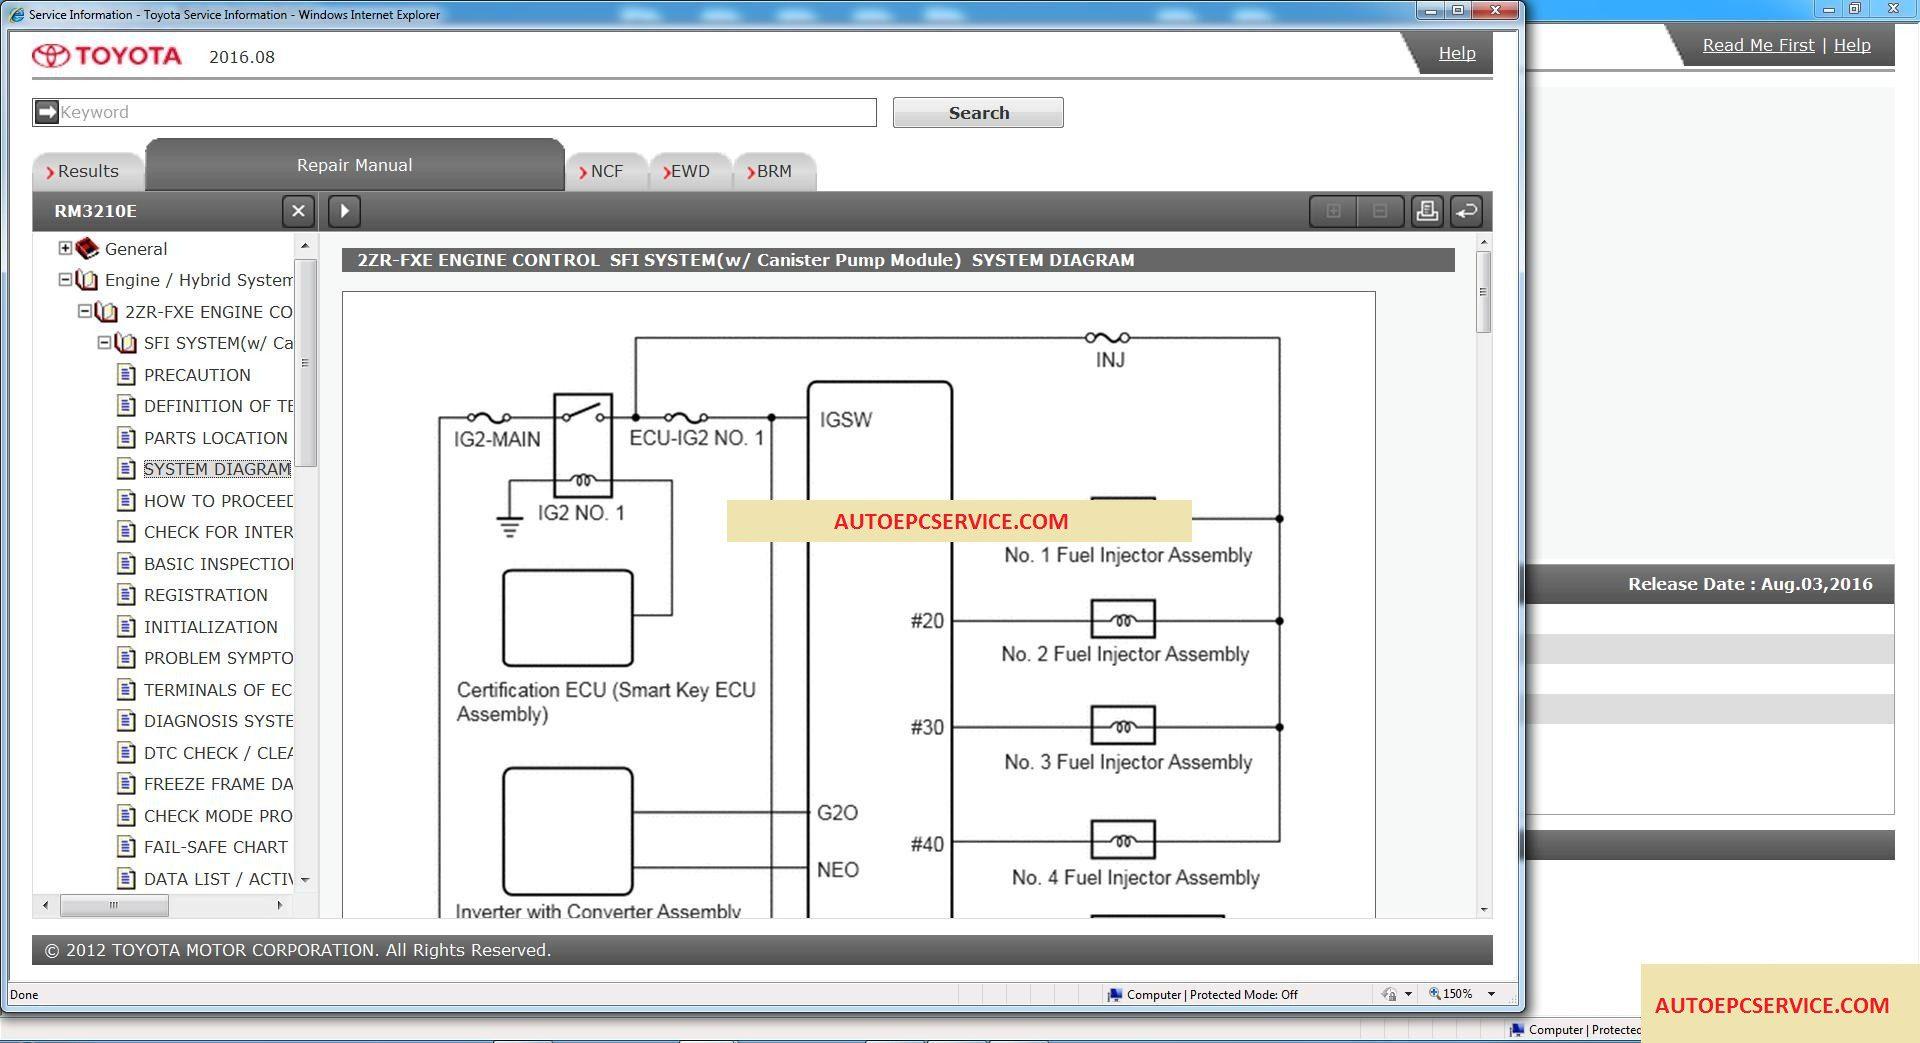 Toyota Prius GISC [08.2016] Workshop Manual – Auto Repair Software-Auto EPC  Software-Auto Repair Manual-Workshop Manual-Service Manual-Workshop Manual